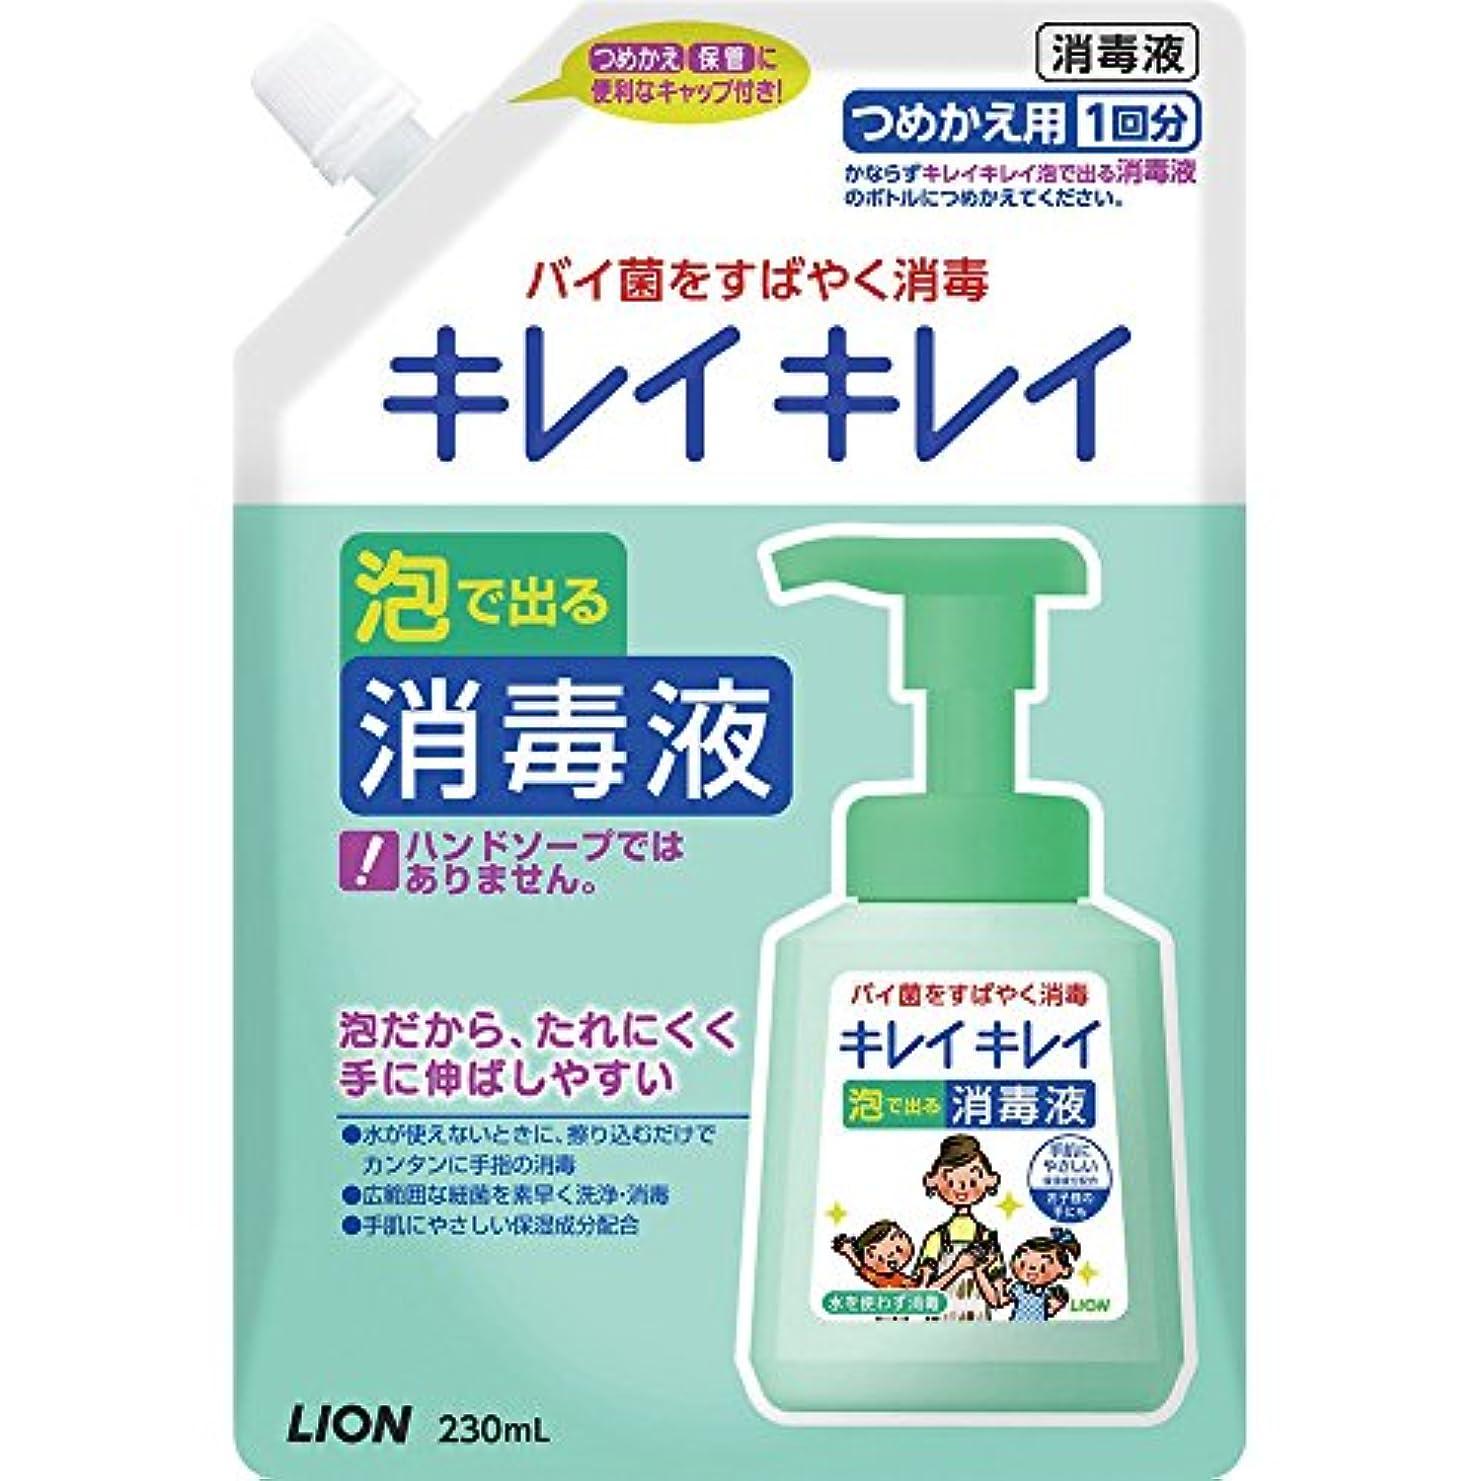 コミュニケーション典型的な銀キレイキレイ 薬 泡ででる消毒液 詰替 230ml (指定医薬部外品)